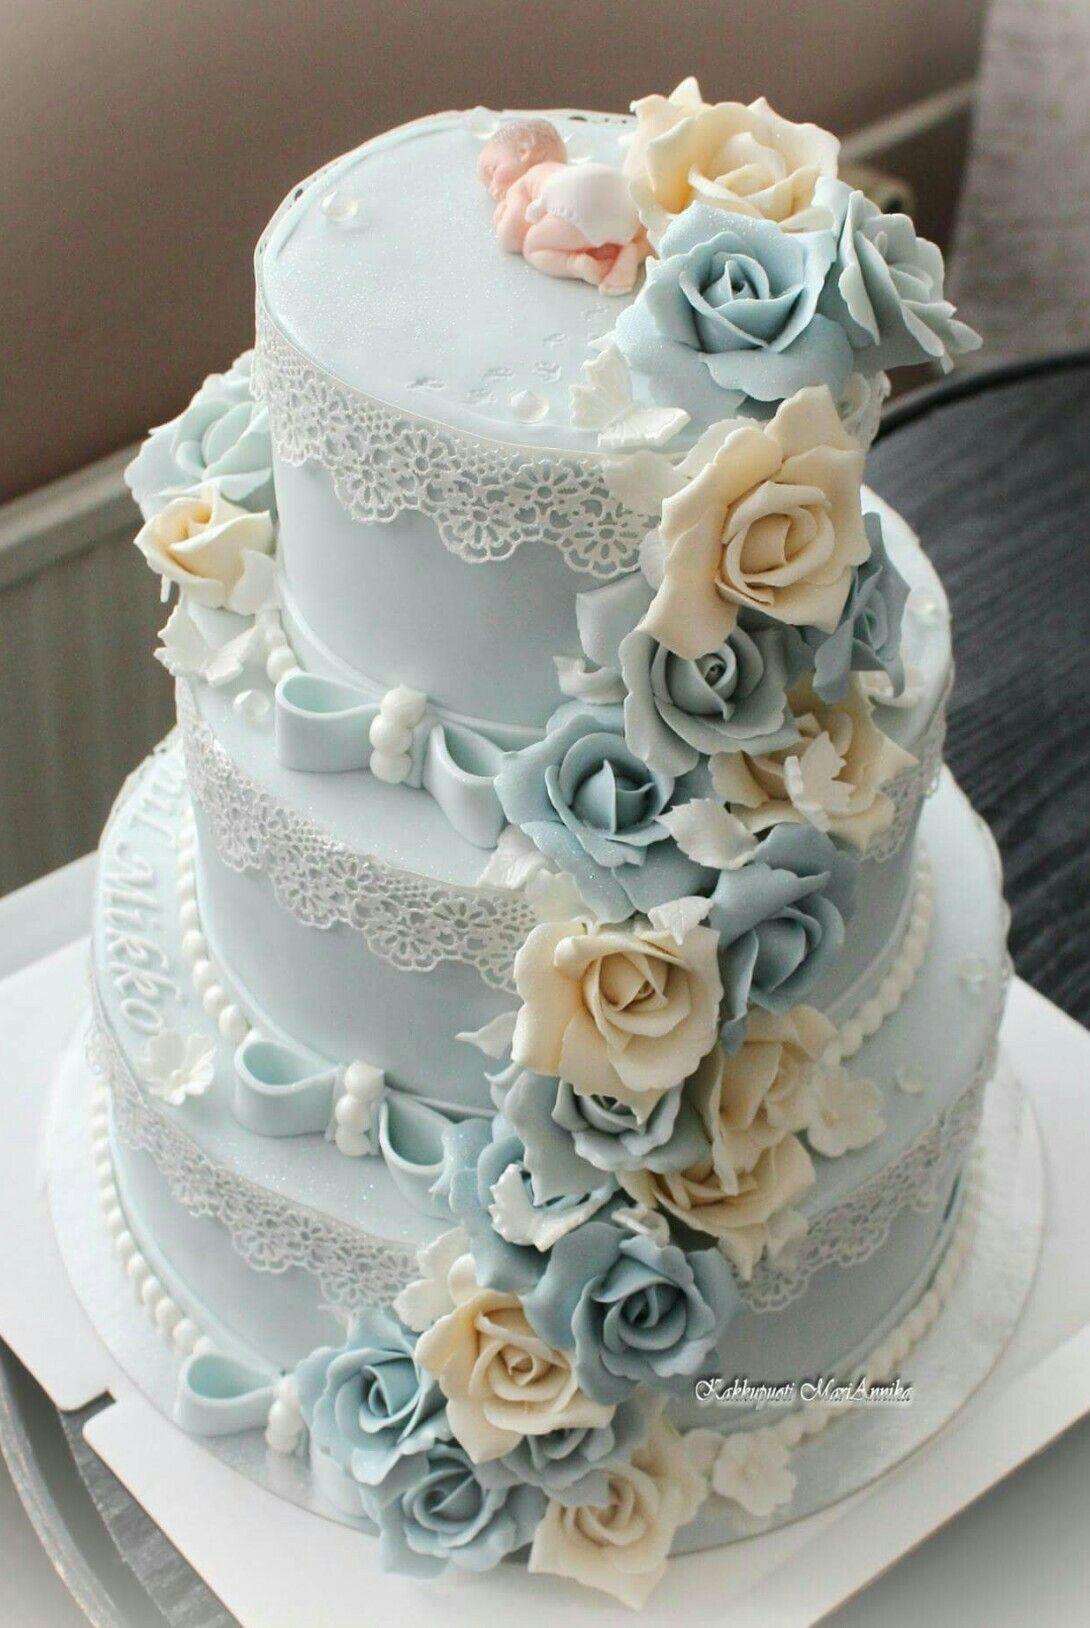 cupcake recipes for bridal shower%0A Recipes